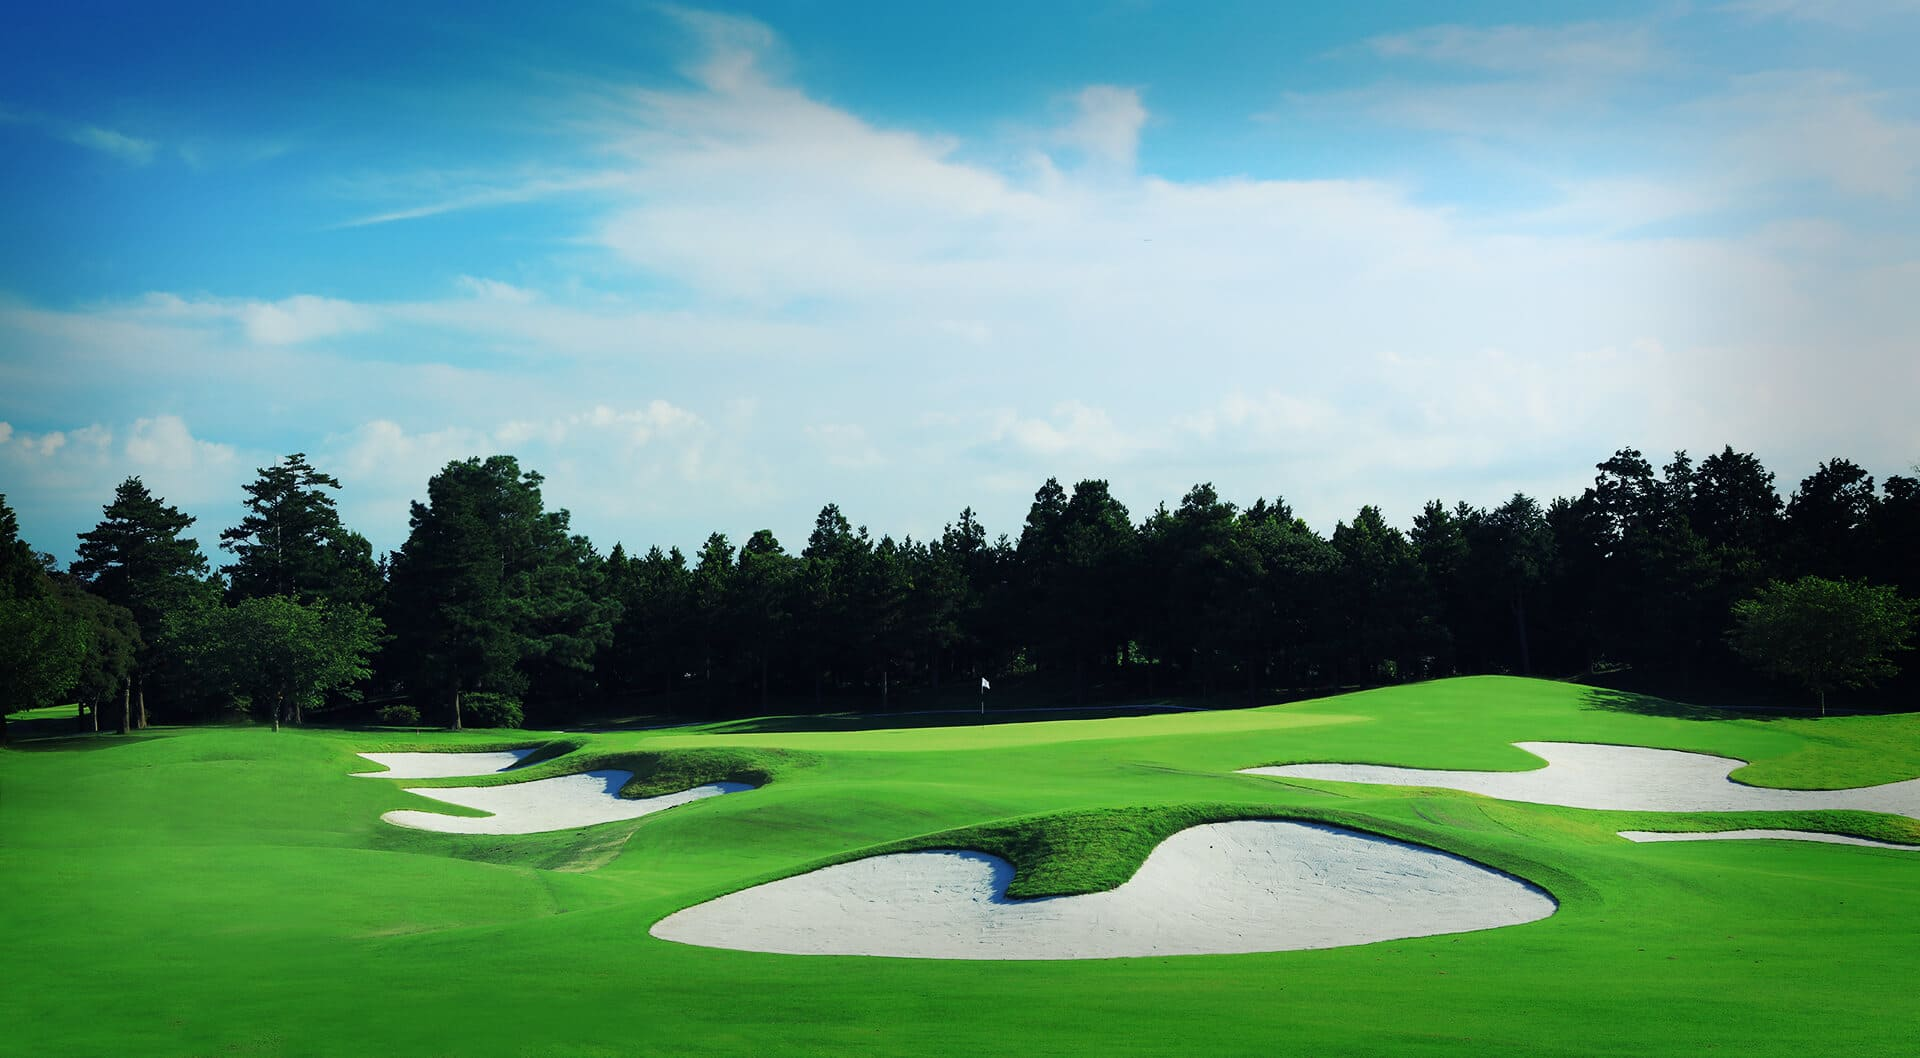 ザ ロイヤル ゴルフ クラブ THE ROYAL GOLF CLUB - ザ・ロイヤルゴルフクラブ